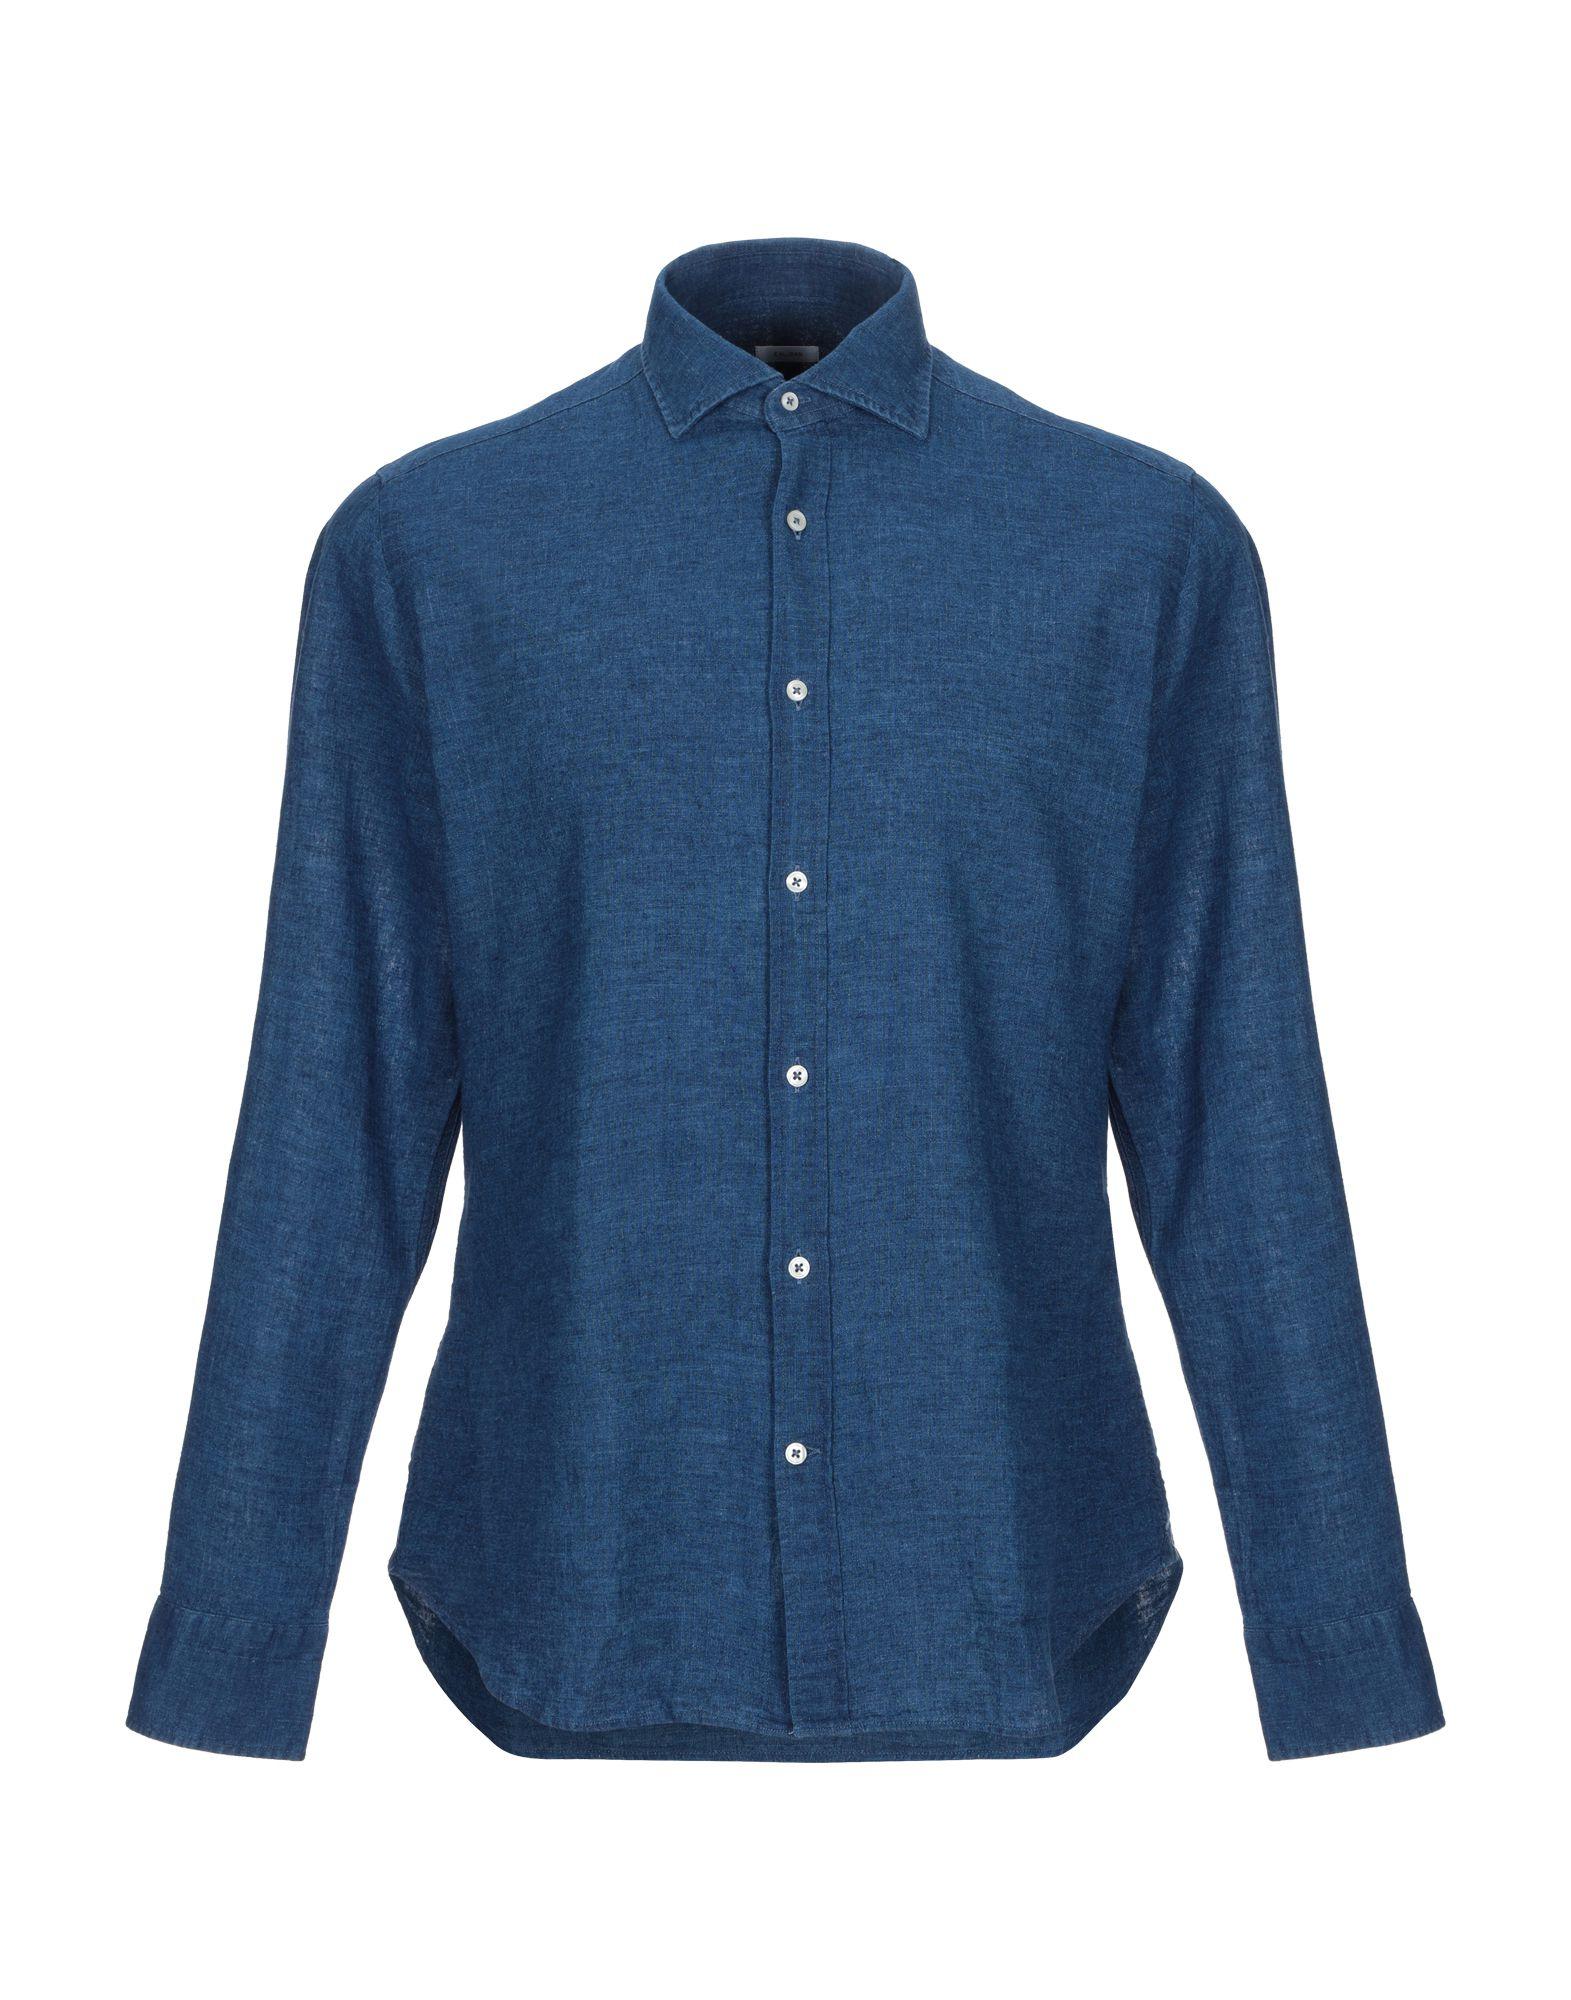 CALIBAN Джинсовая рубашка life sux джинсовая рубашка